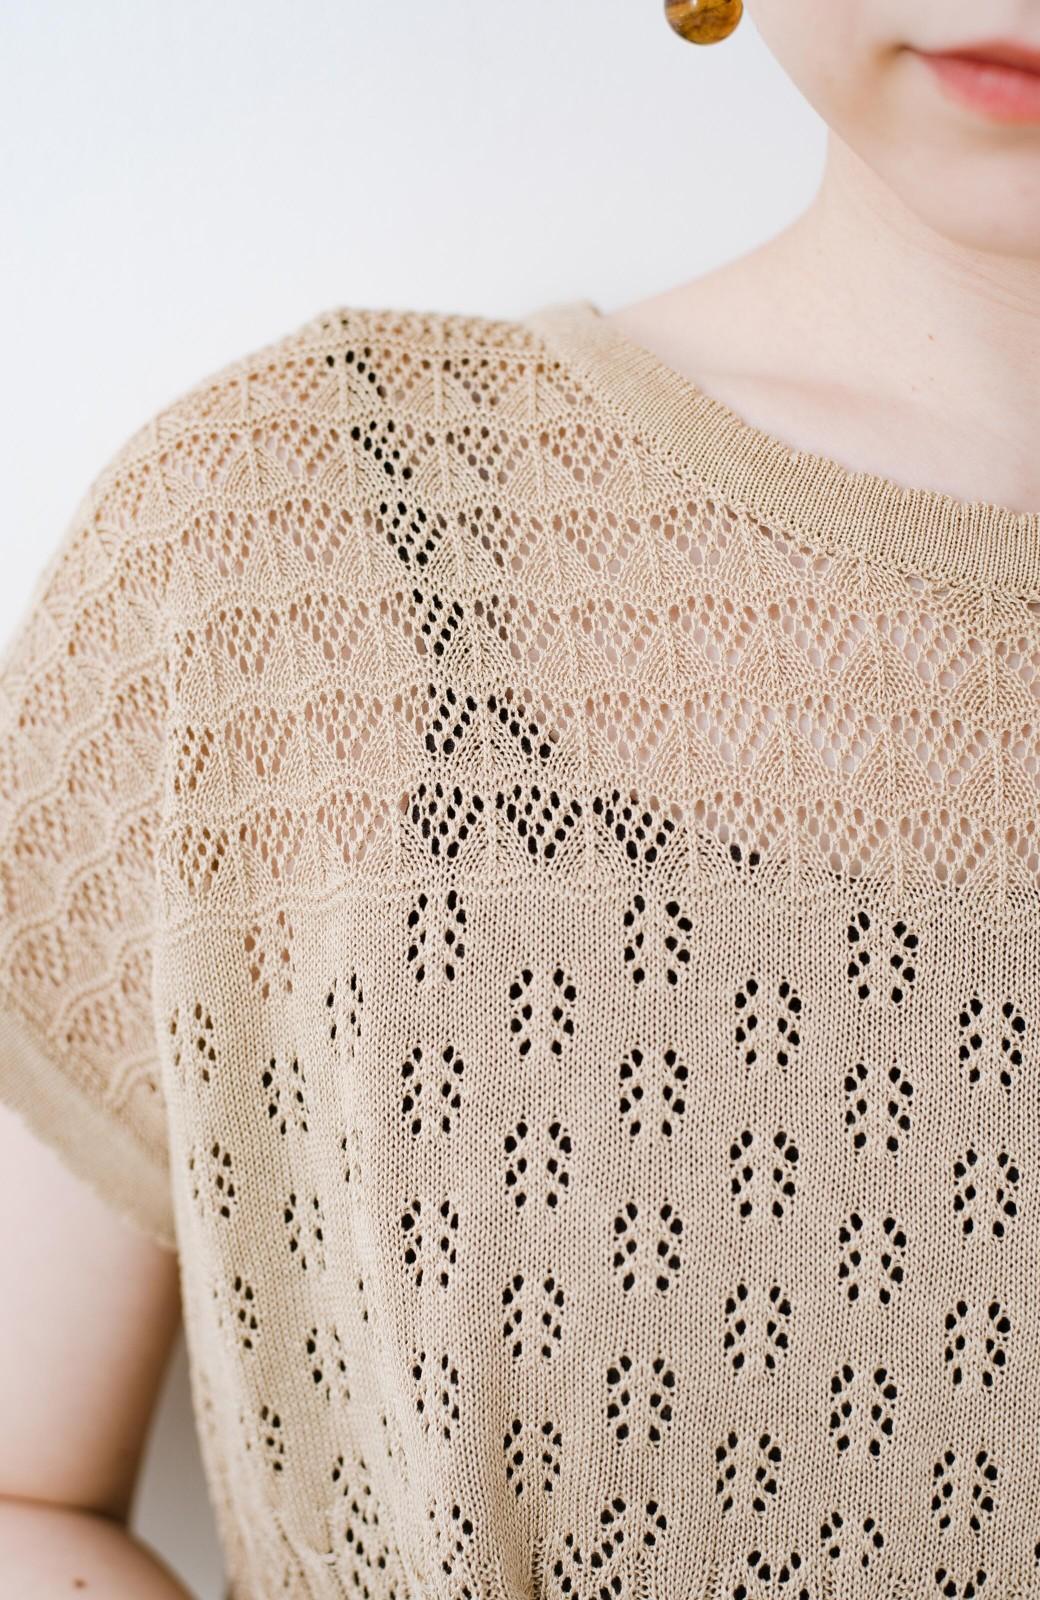 haco! 1枚でも重ね着にも便利なヘビロテしたくなる透かし編みニットトップス <ライトブラウン>の商品写真3